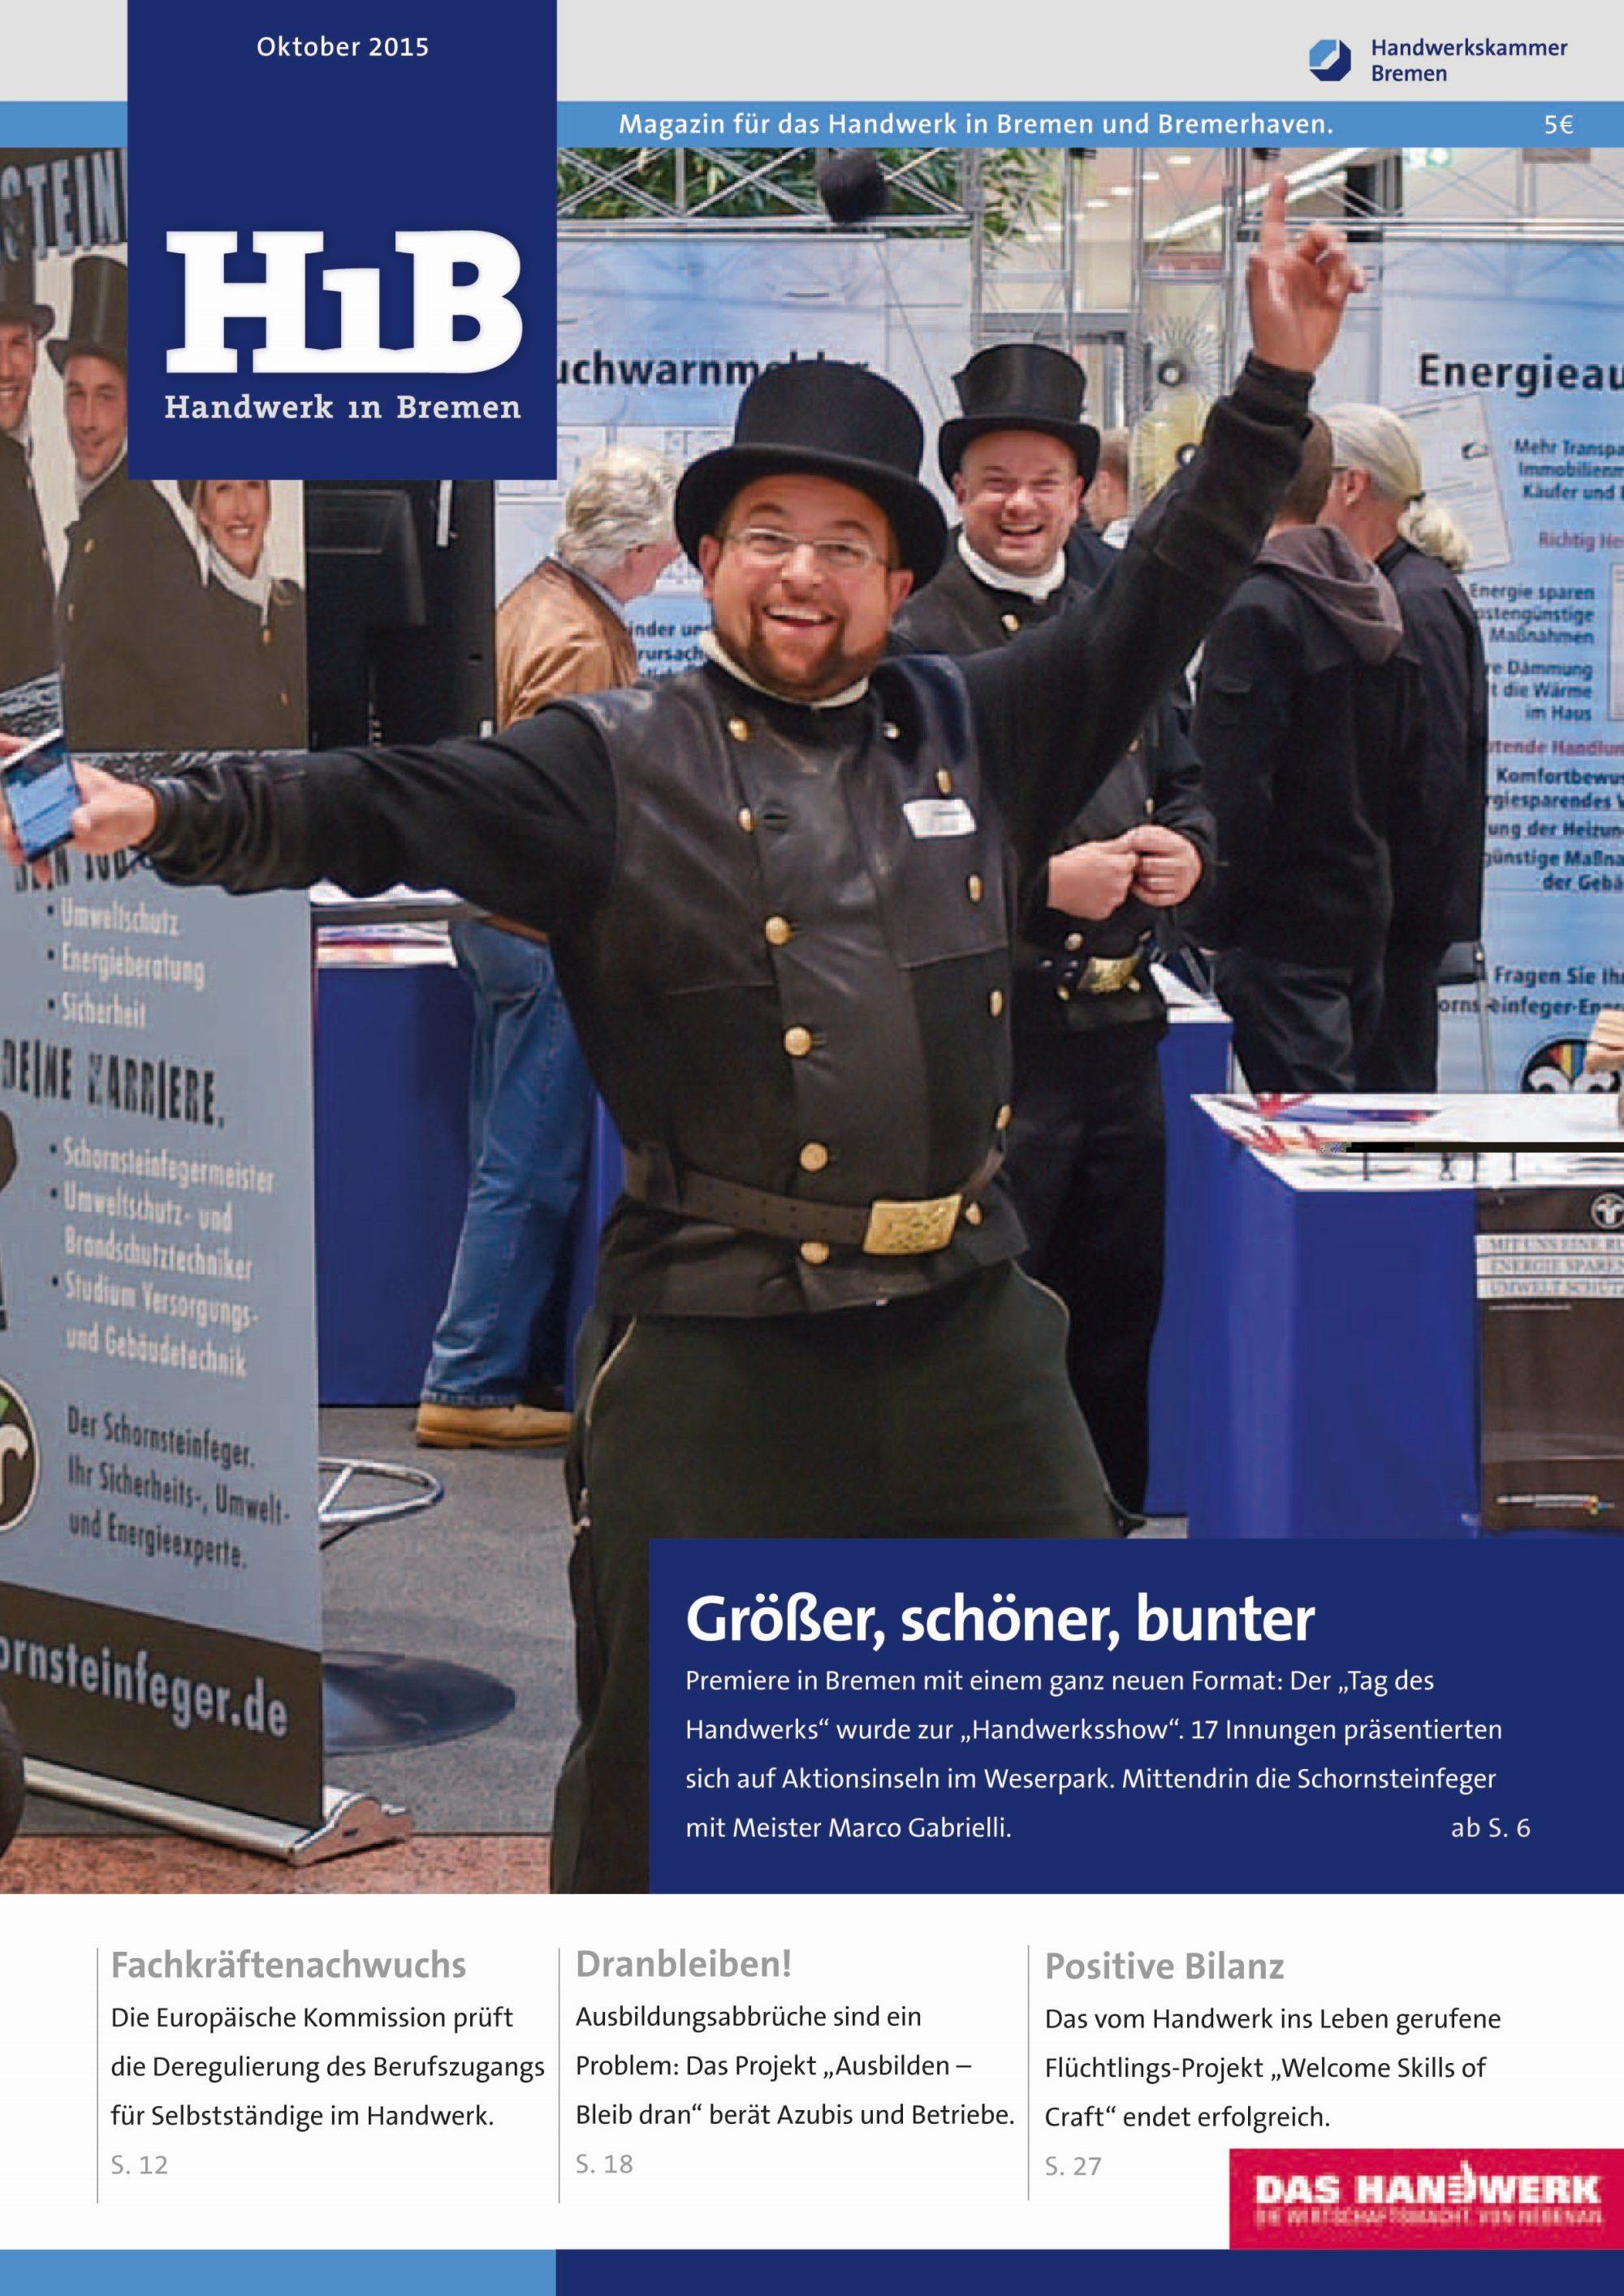 Titelbild des Magazins Handwerk in Bremen HiB